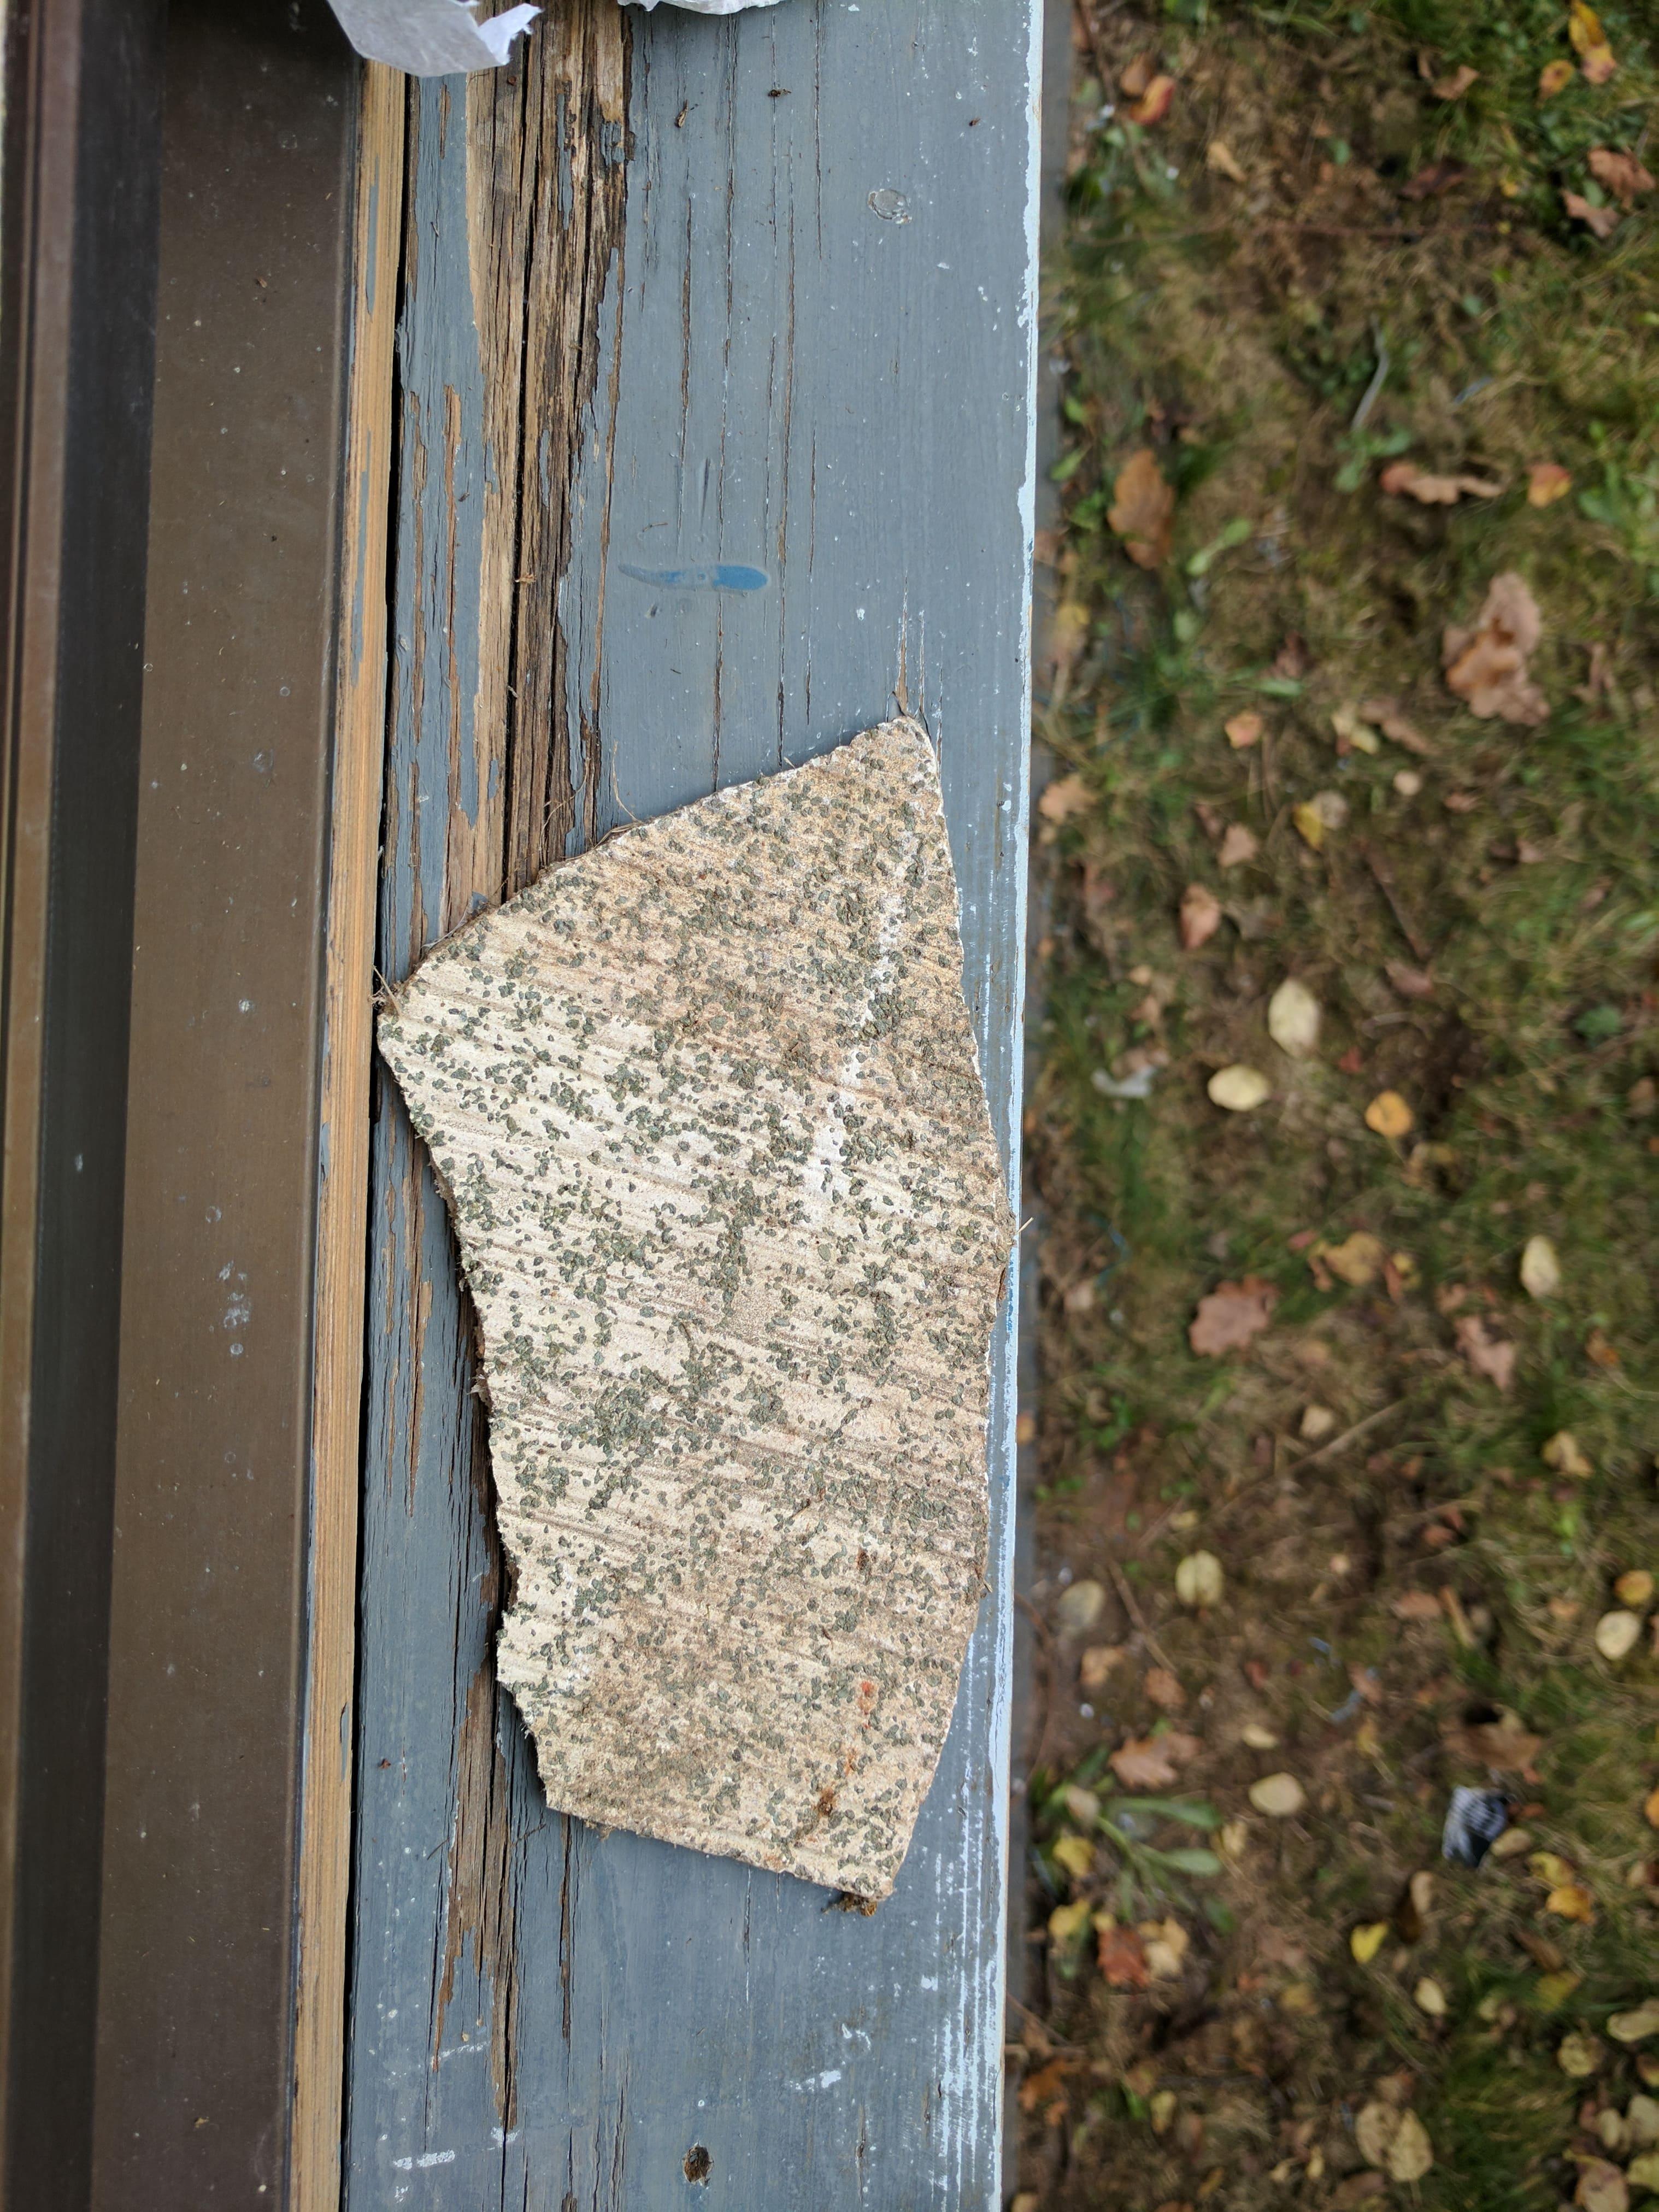 asbest wie hoch ist die warscheinlichekeit material. Black Bedroom Furniture Sets. Home Design Ideas